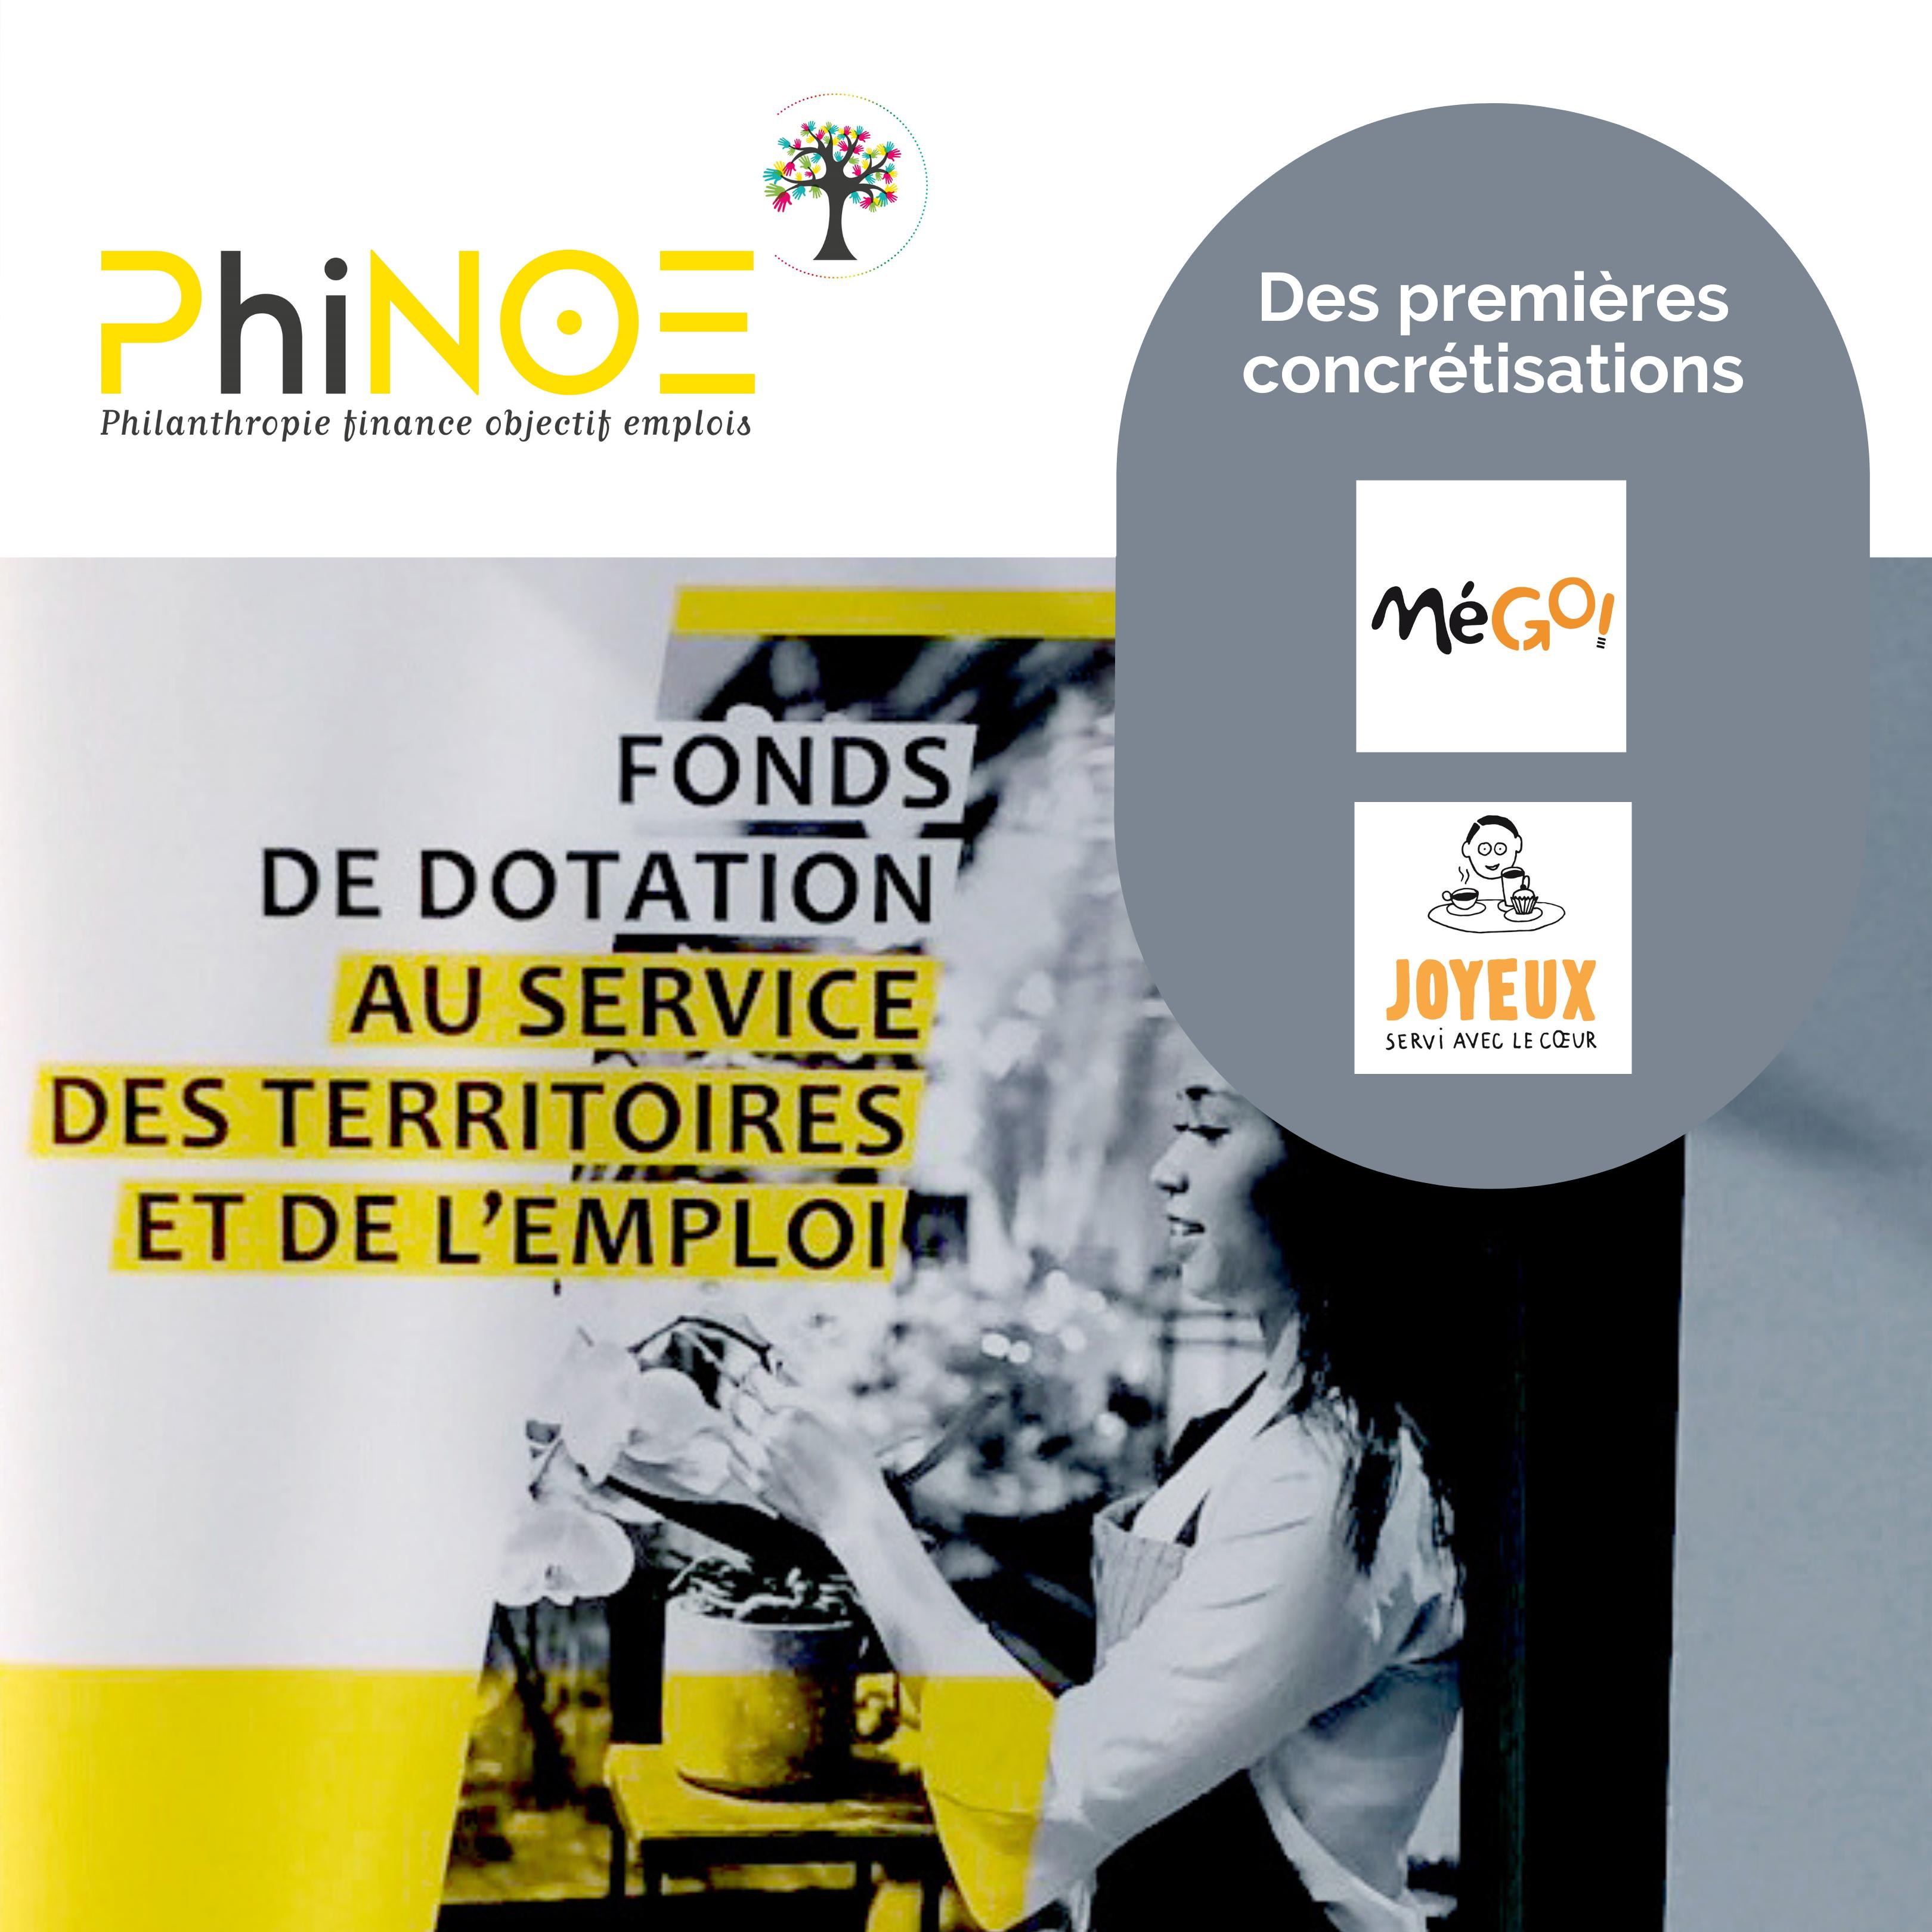 Lancement de PhiNOE